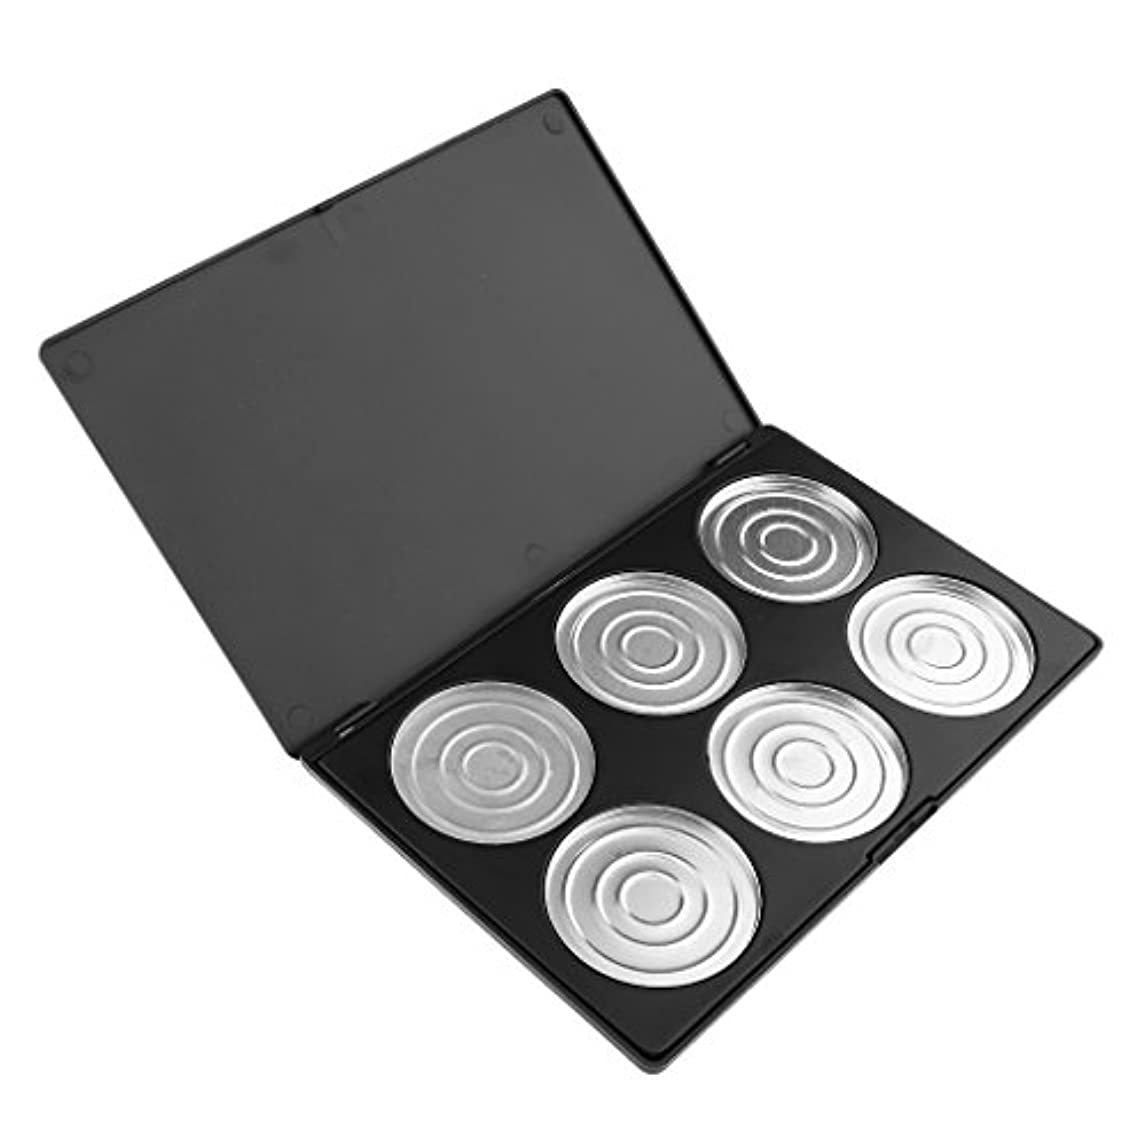 どちらかかる太い12グリッド メイク 空 アイシャドーブラッシャー リップグロス パレット 化粧品 全2種類 - 6色収納ケース